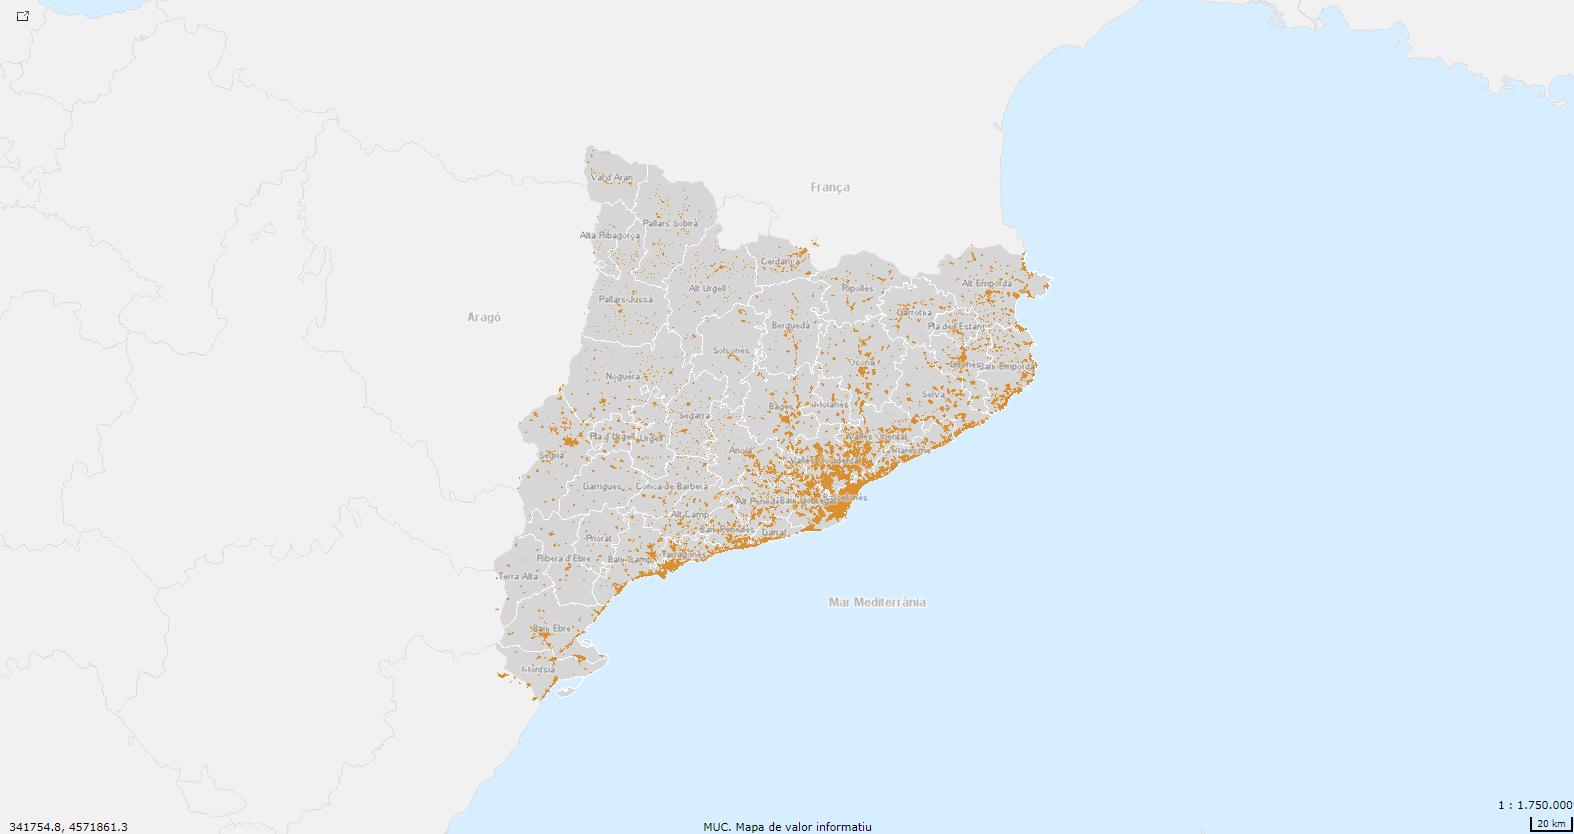 Mapa Urbanístic De Catalunya.Mapa Urbanistic De Catalunya Foment Del Treball